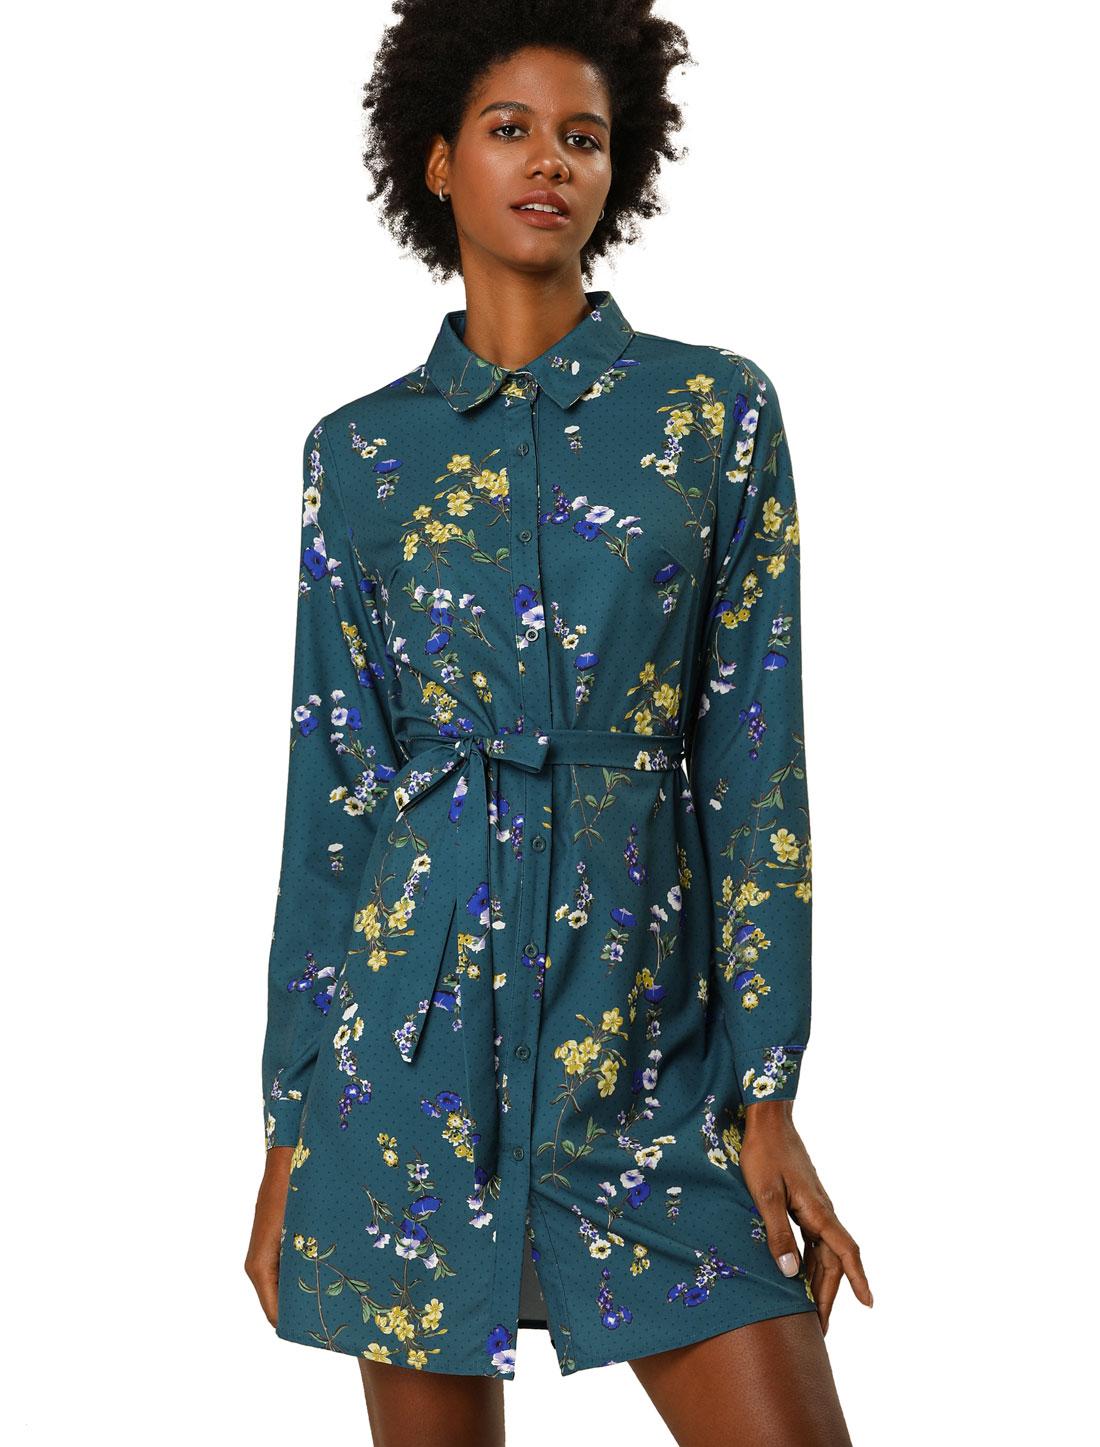 Allegra K Women's Button Down Polka Dots Floral Shirt Dress Teal Blue XL